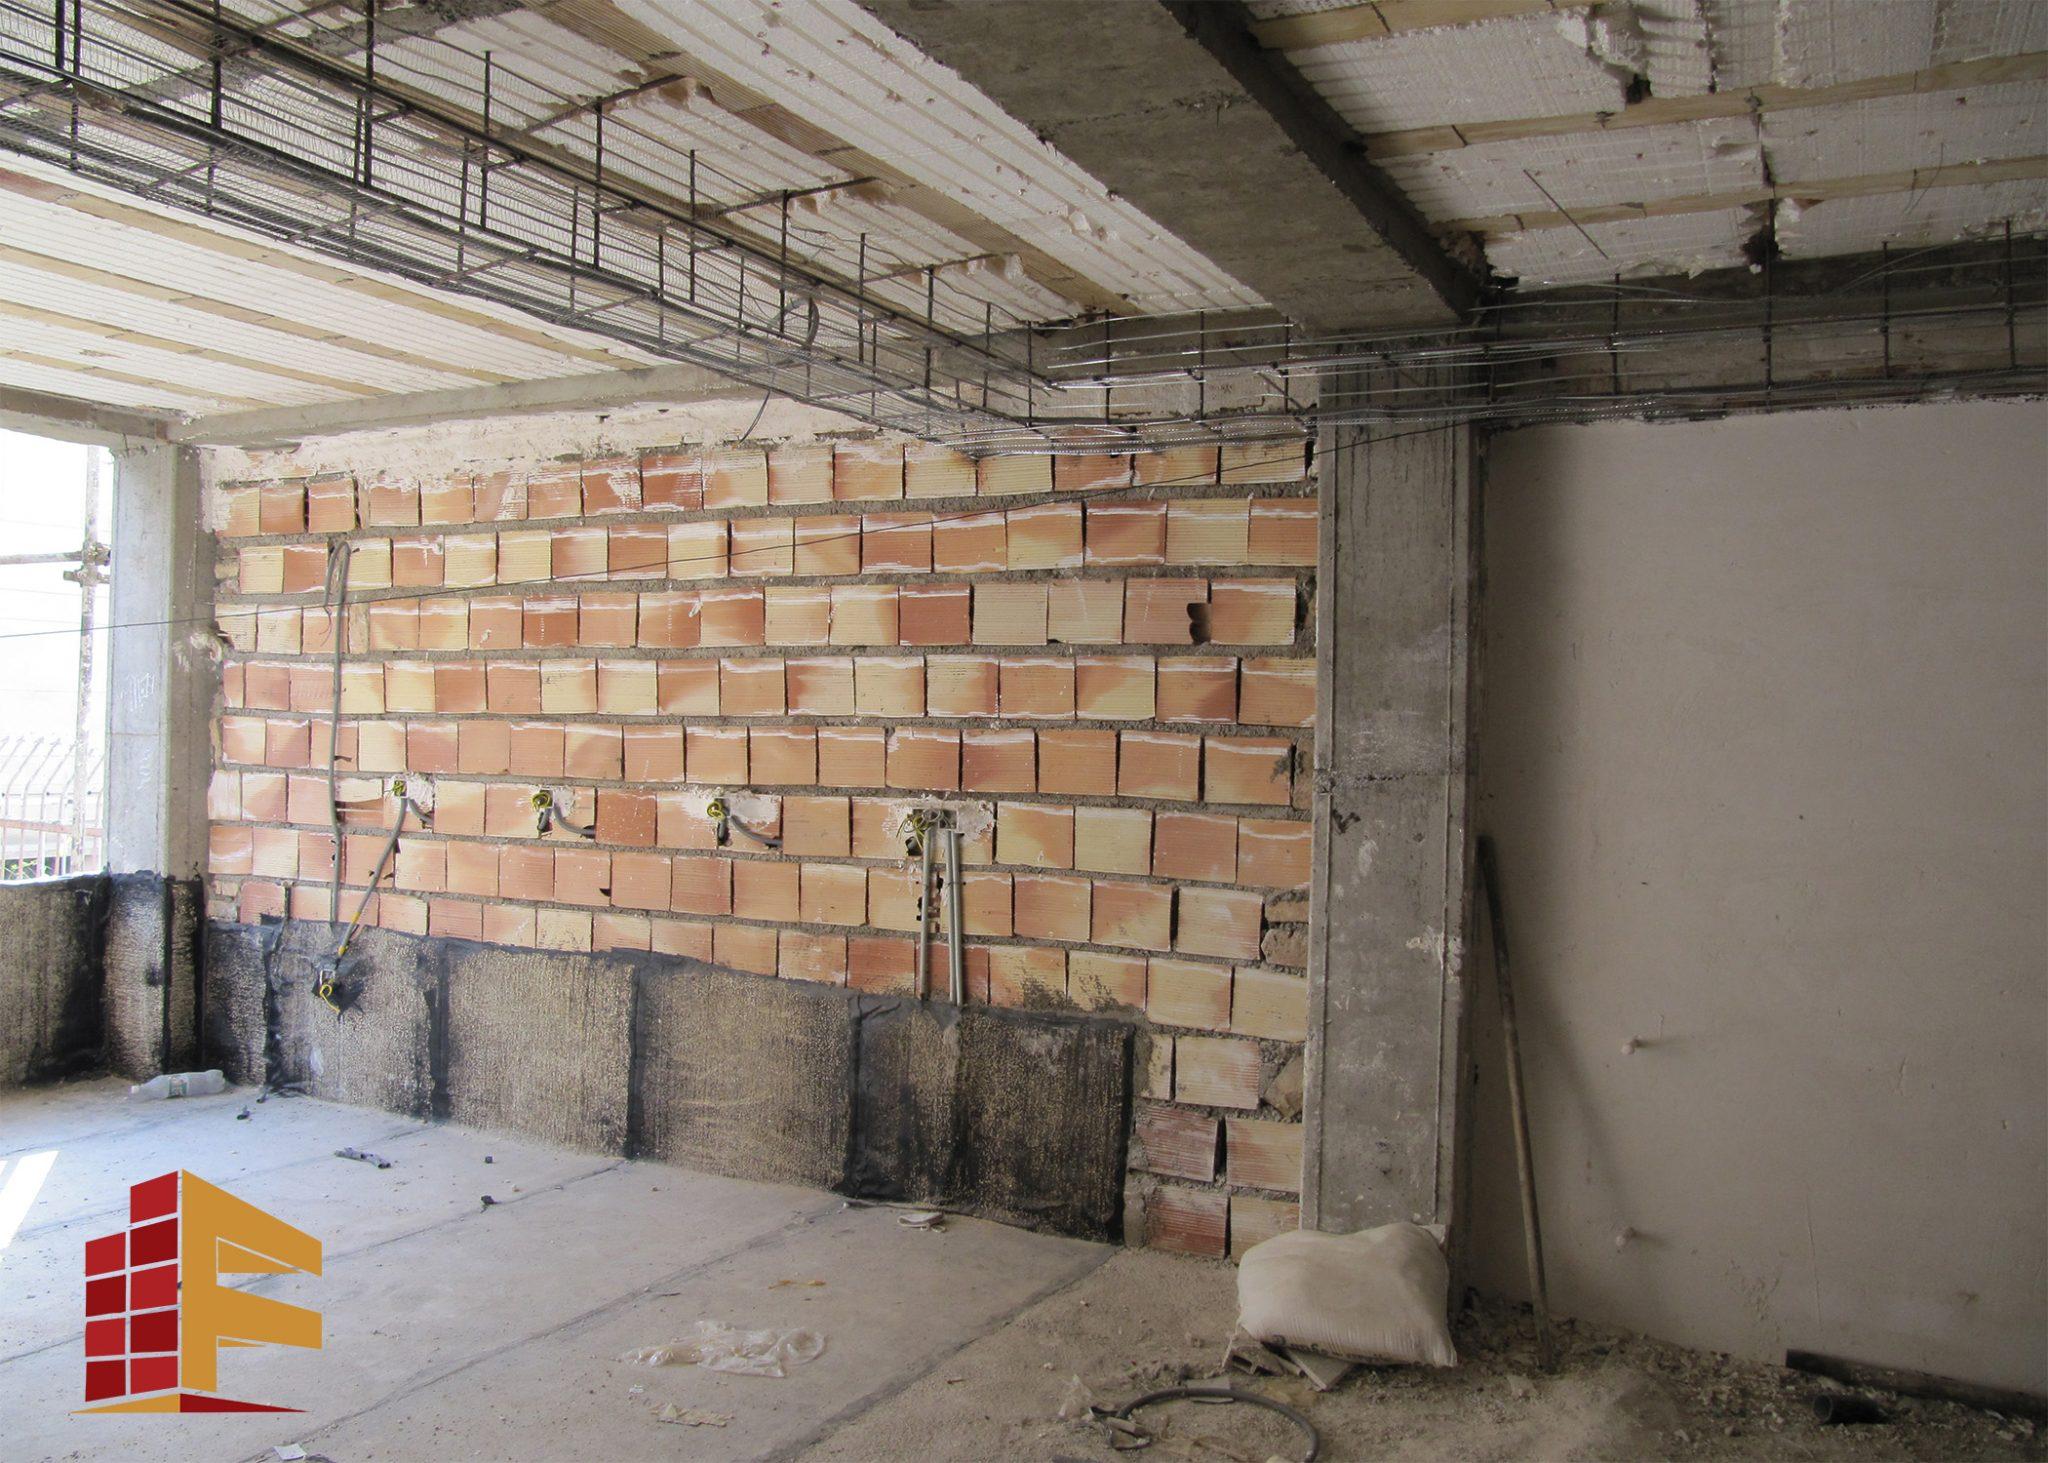 مدیریت ساخت تخریب و نوسازی